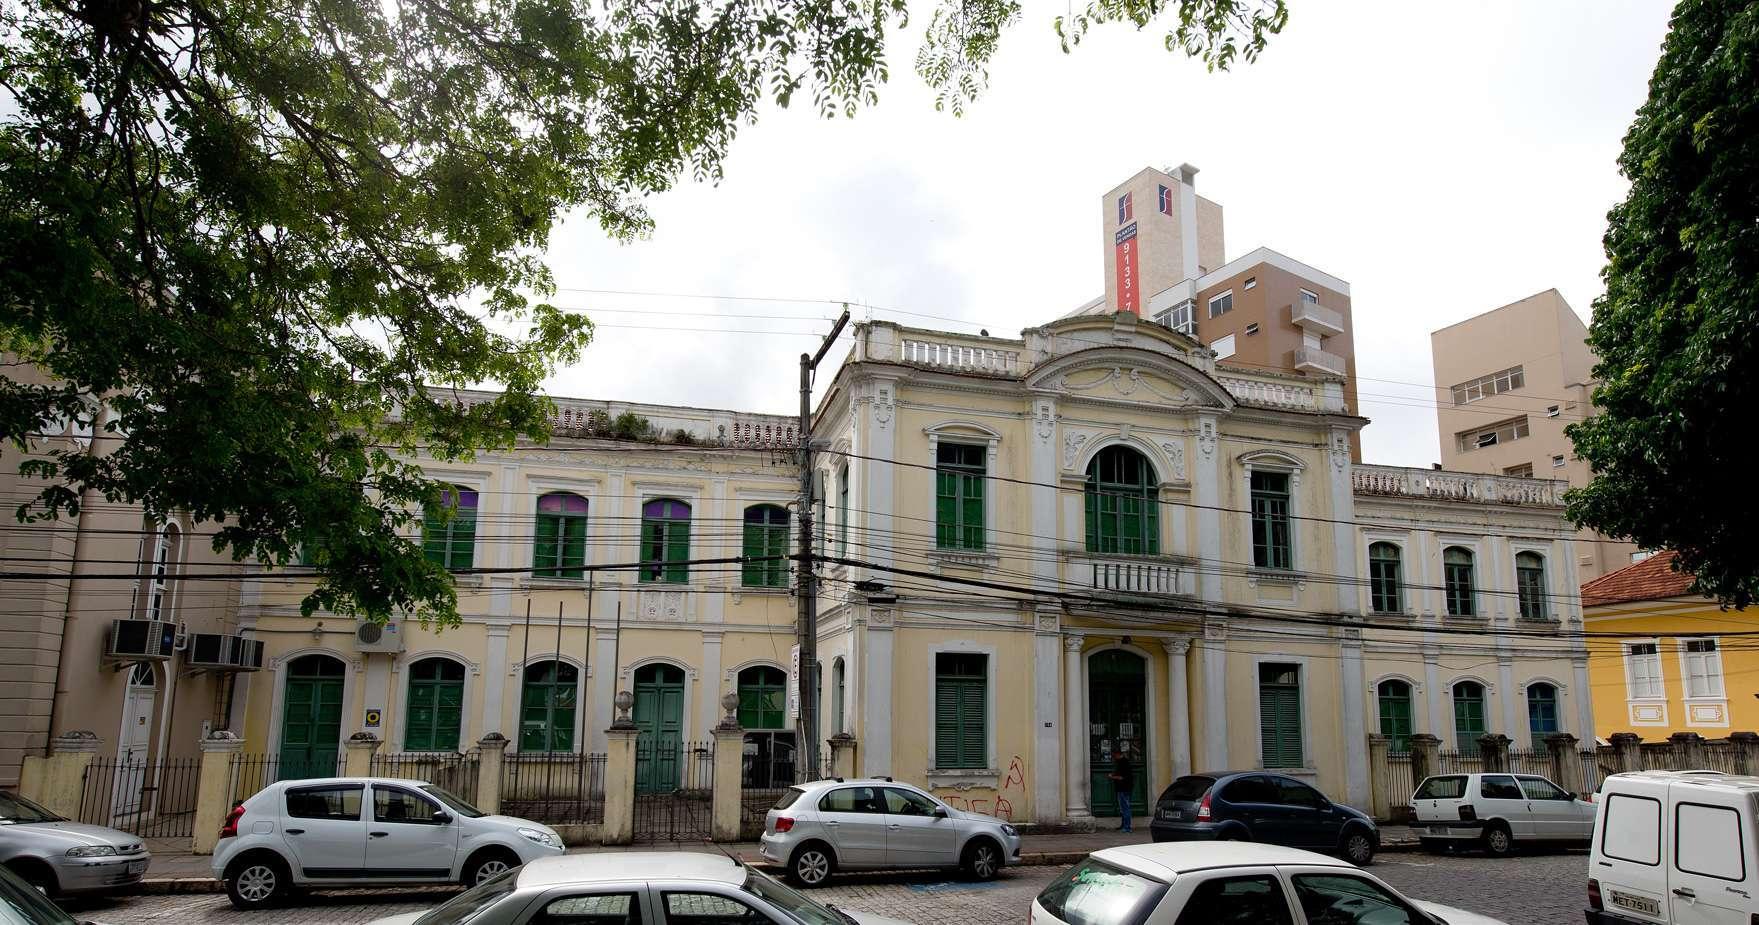 Casarão da Praça Getúlio Vargas - Foto Lio Simas